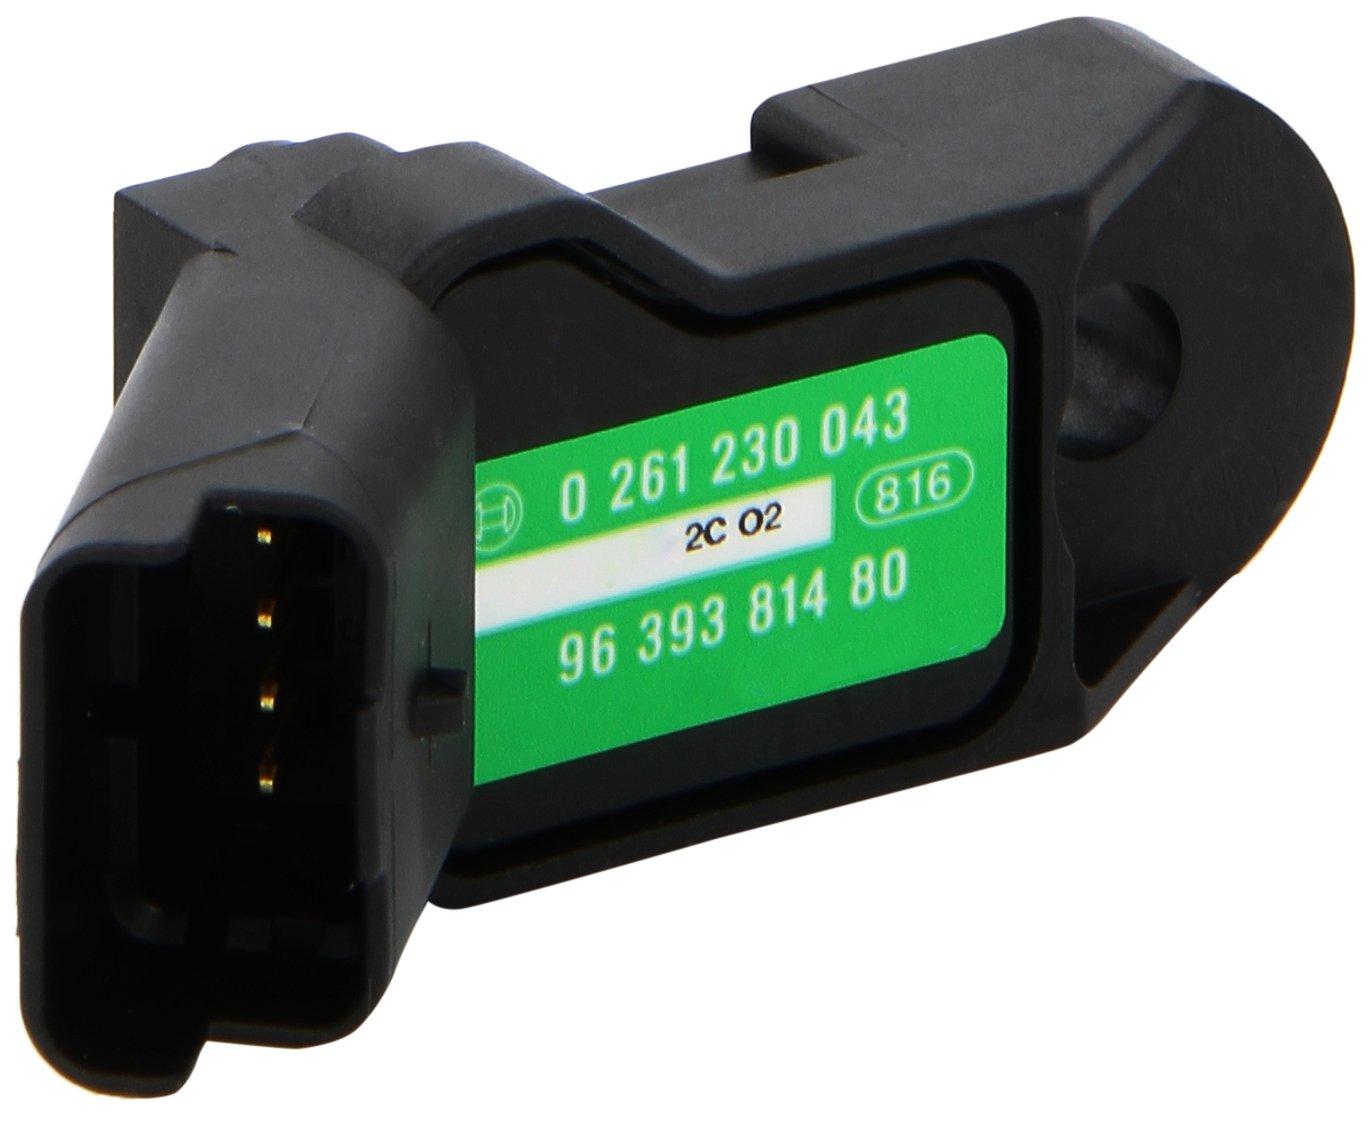 BOSCH 261230043 Bosch Sensori Robert Bosch GmbH 0261230043